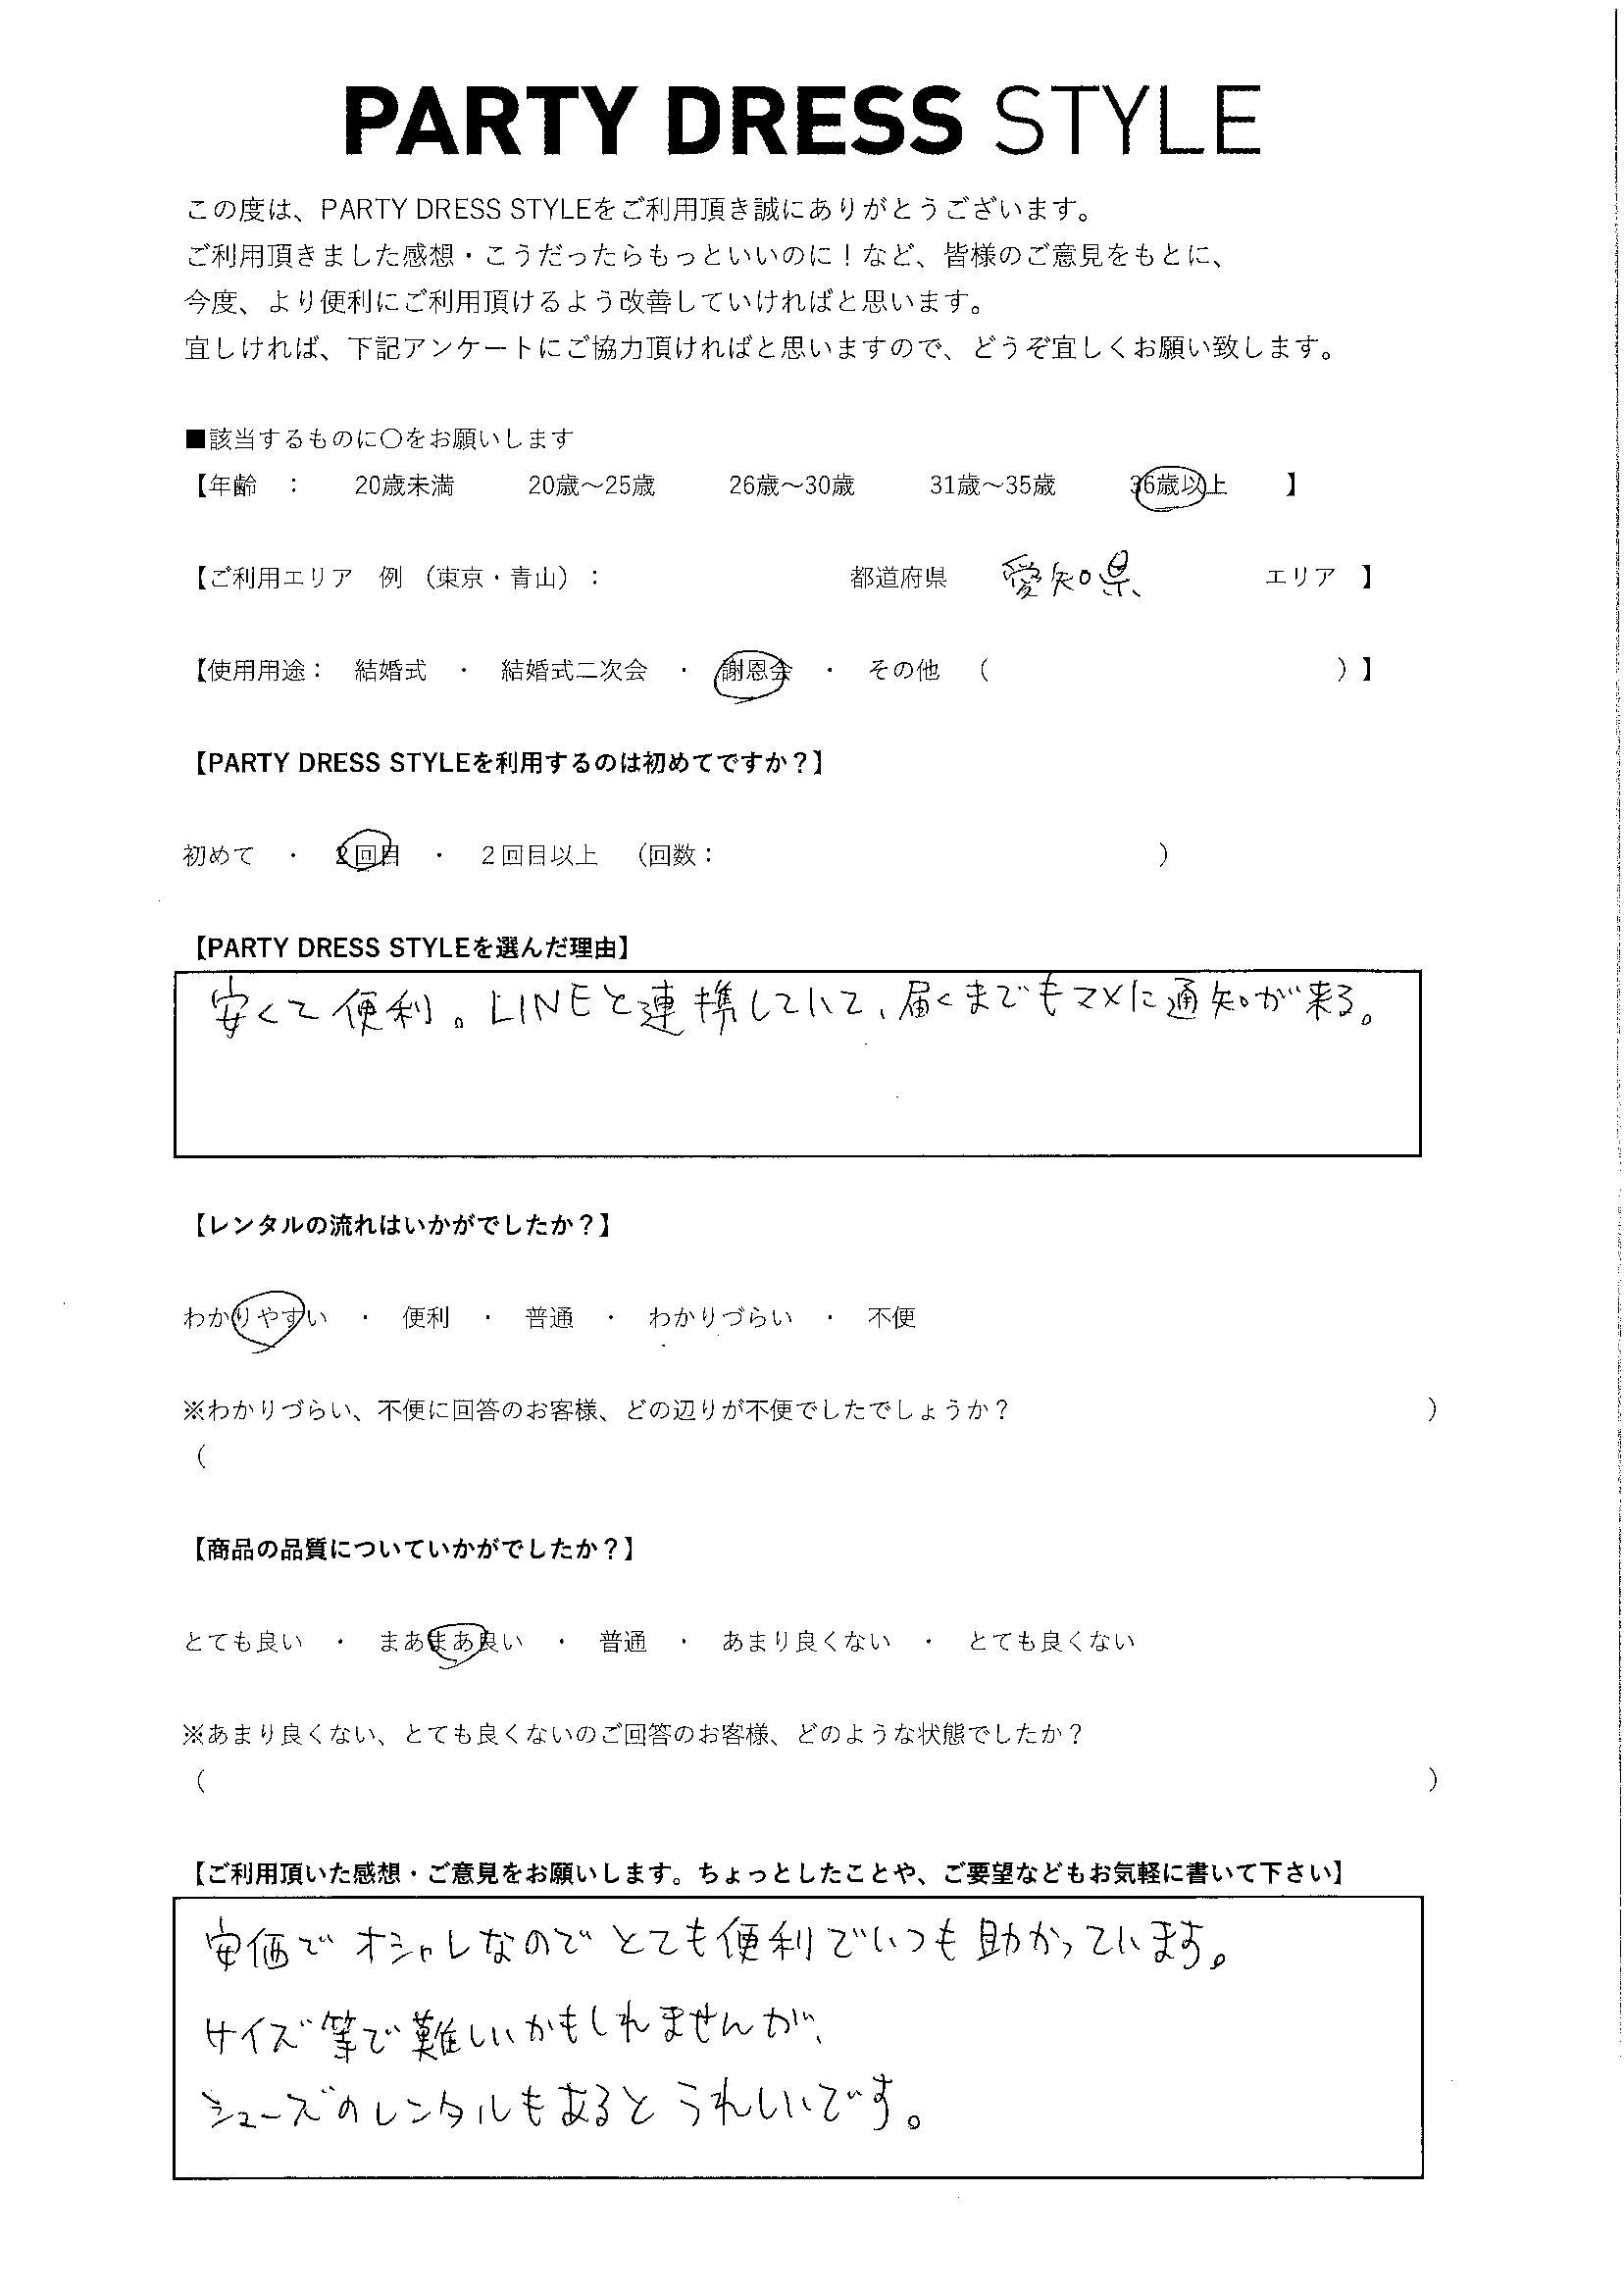 4/18謝恩会ご利用 愛知エリア